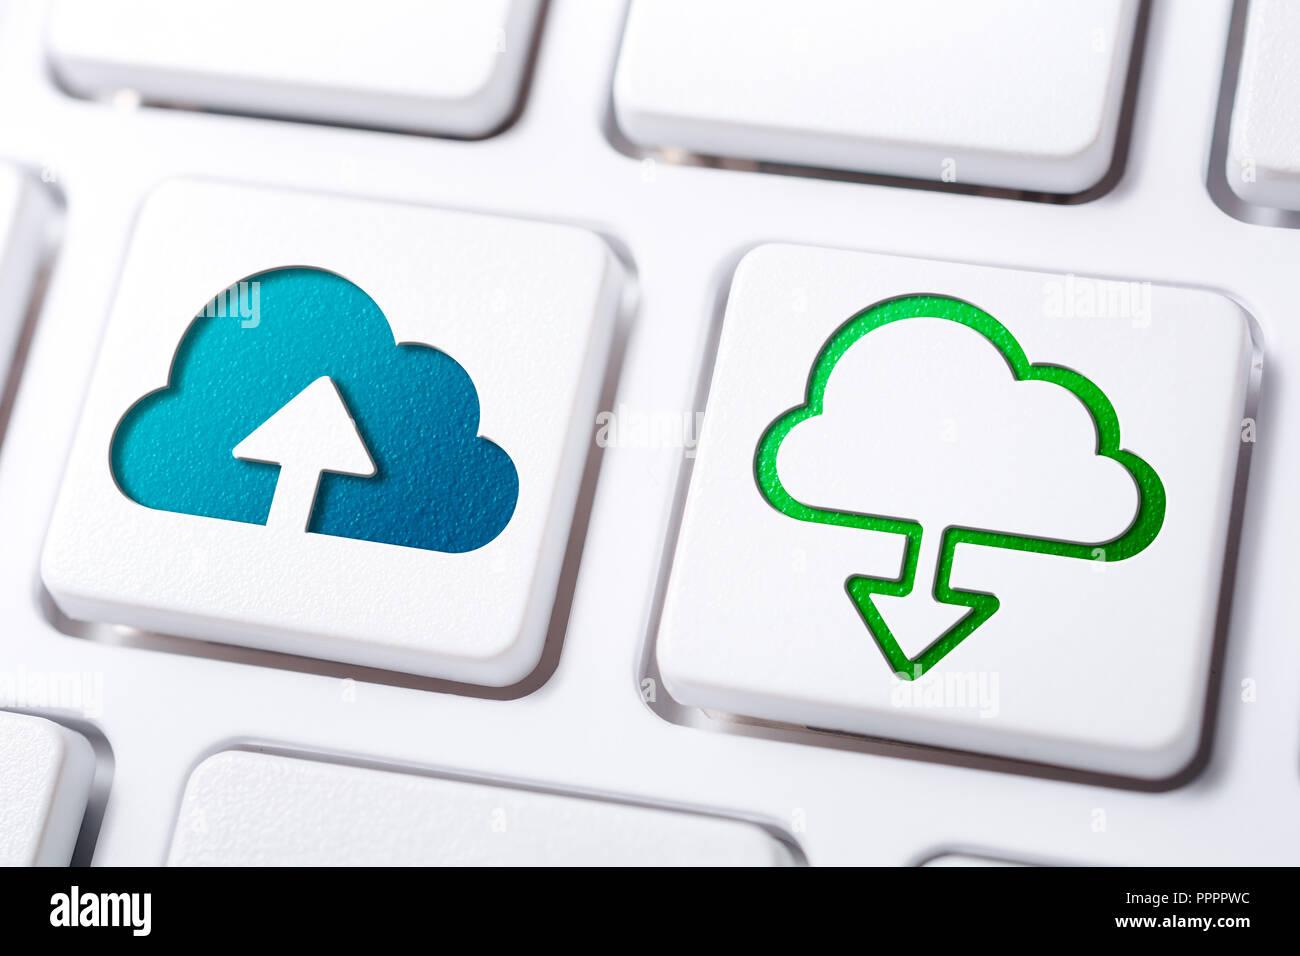 Macro de nube de cargar y descargar los botones de un teclado blanco Imagen De Stock